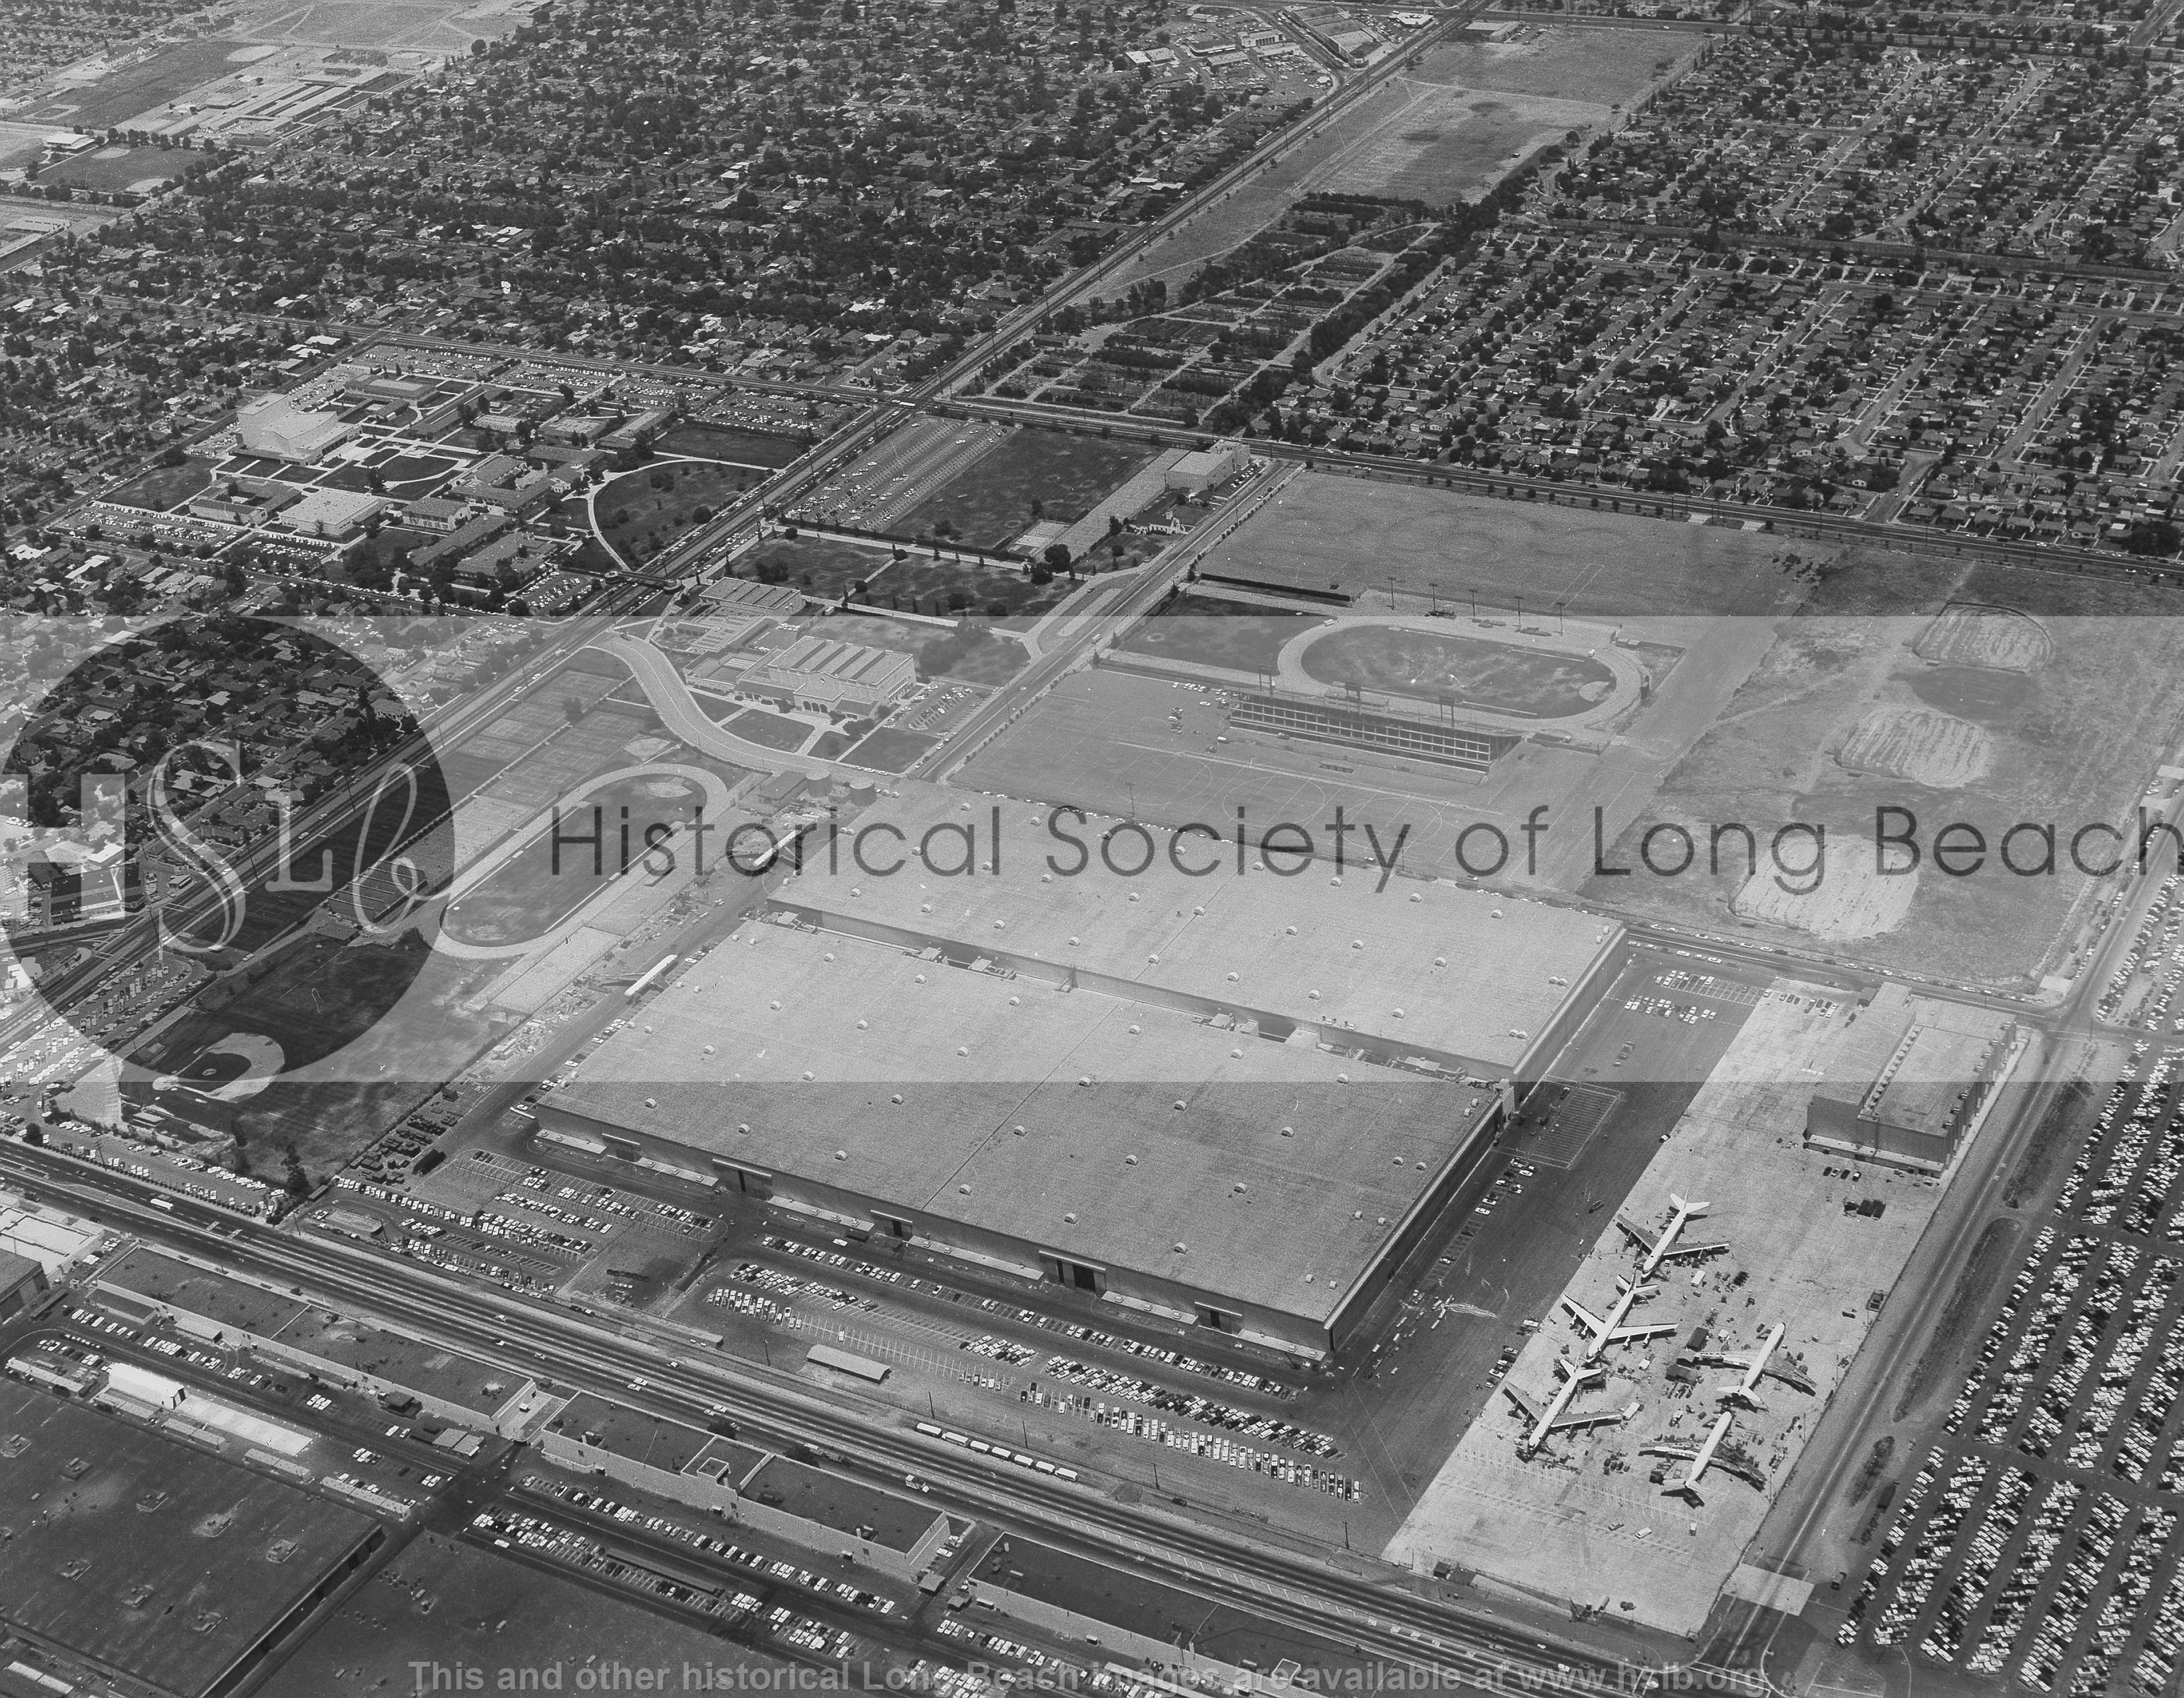 McDonnell Douglas aerial, 1959 vintage photograph